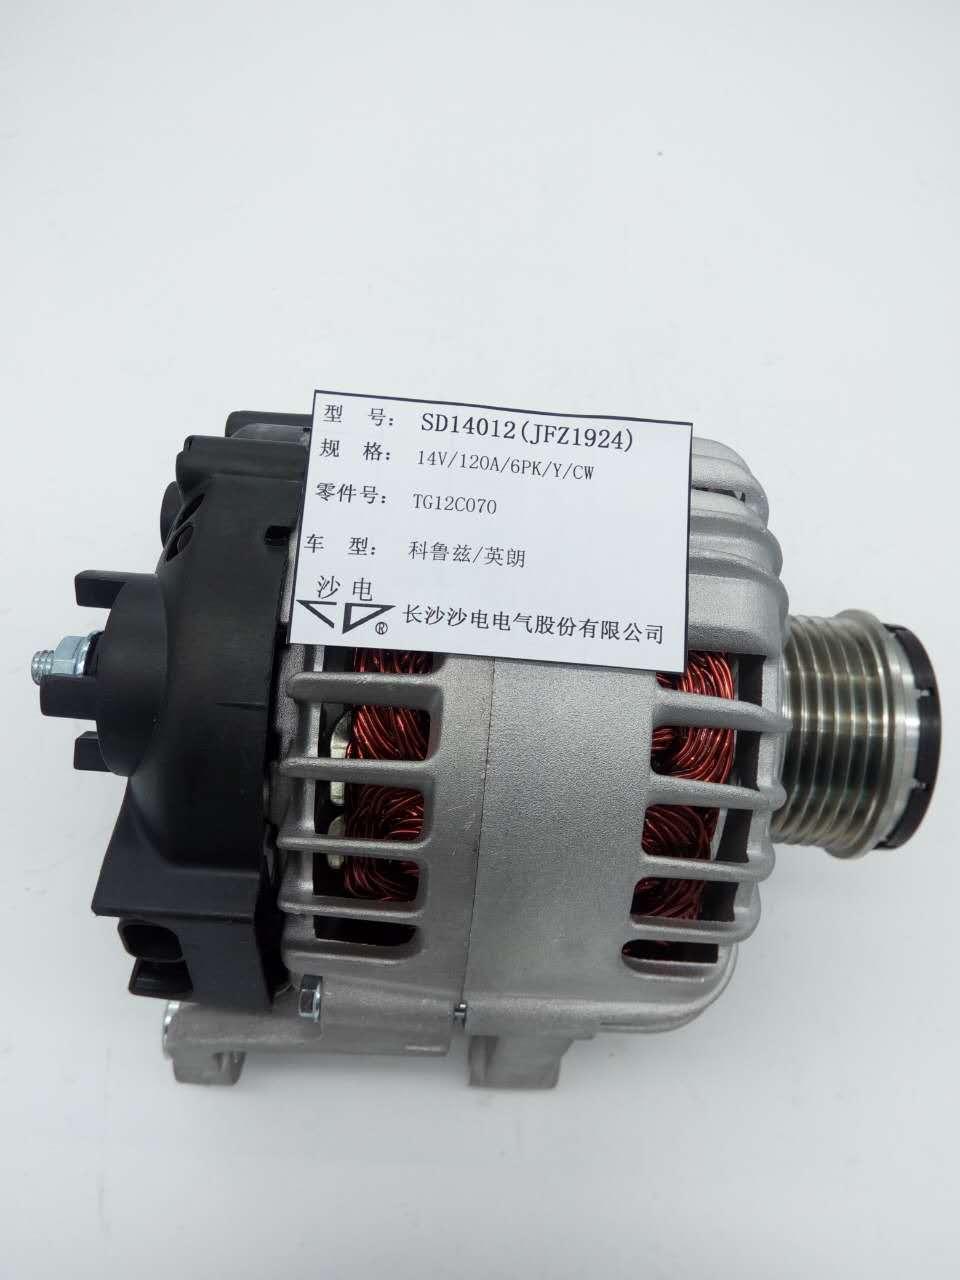 愛唯歐科魯茲新景程1.8L發電機TG12C070